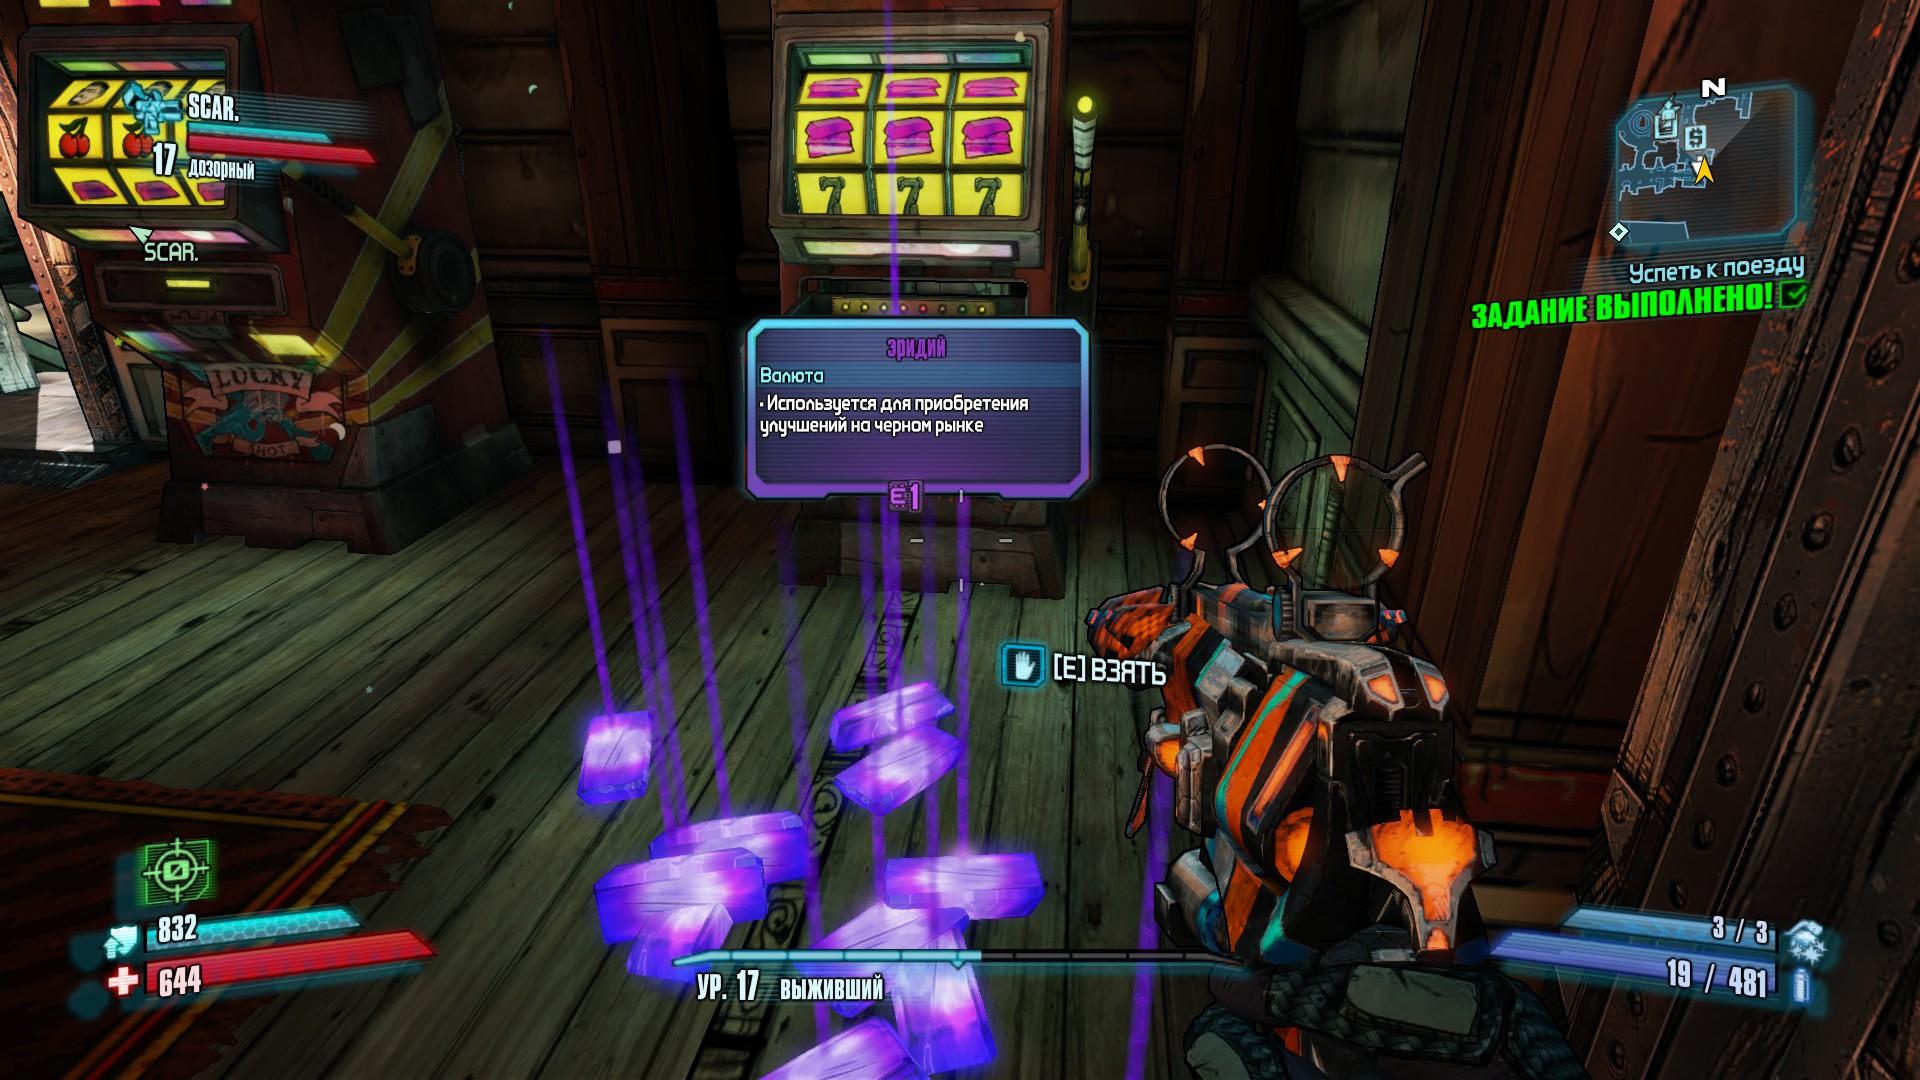 Как взломать игровые автоматы в borderlands 2 gameslot игровые автоматы